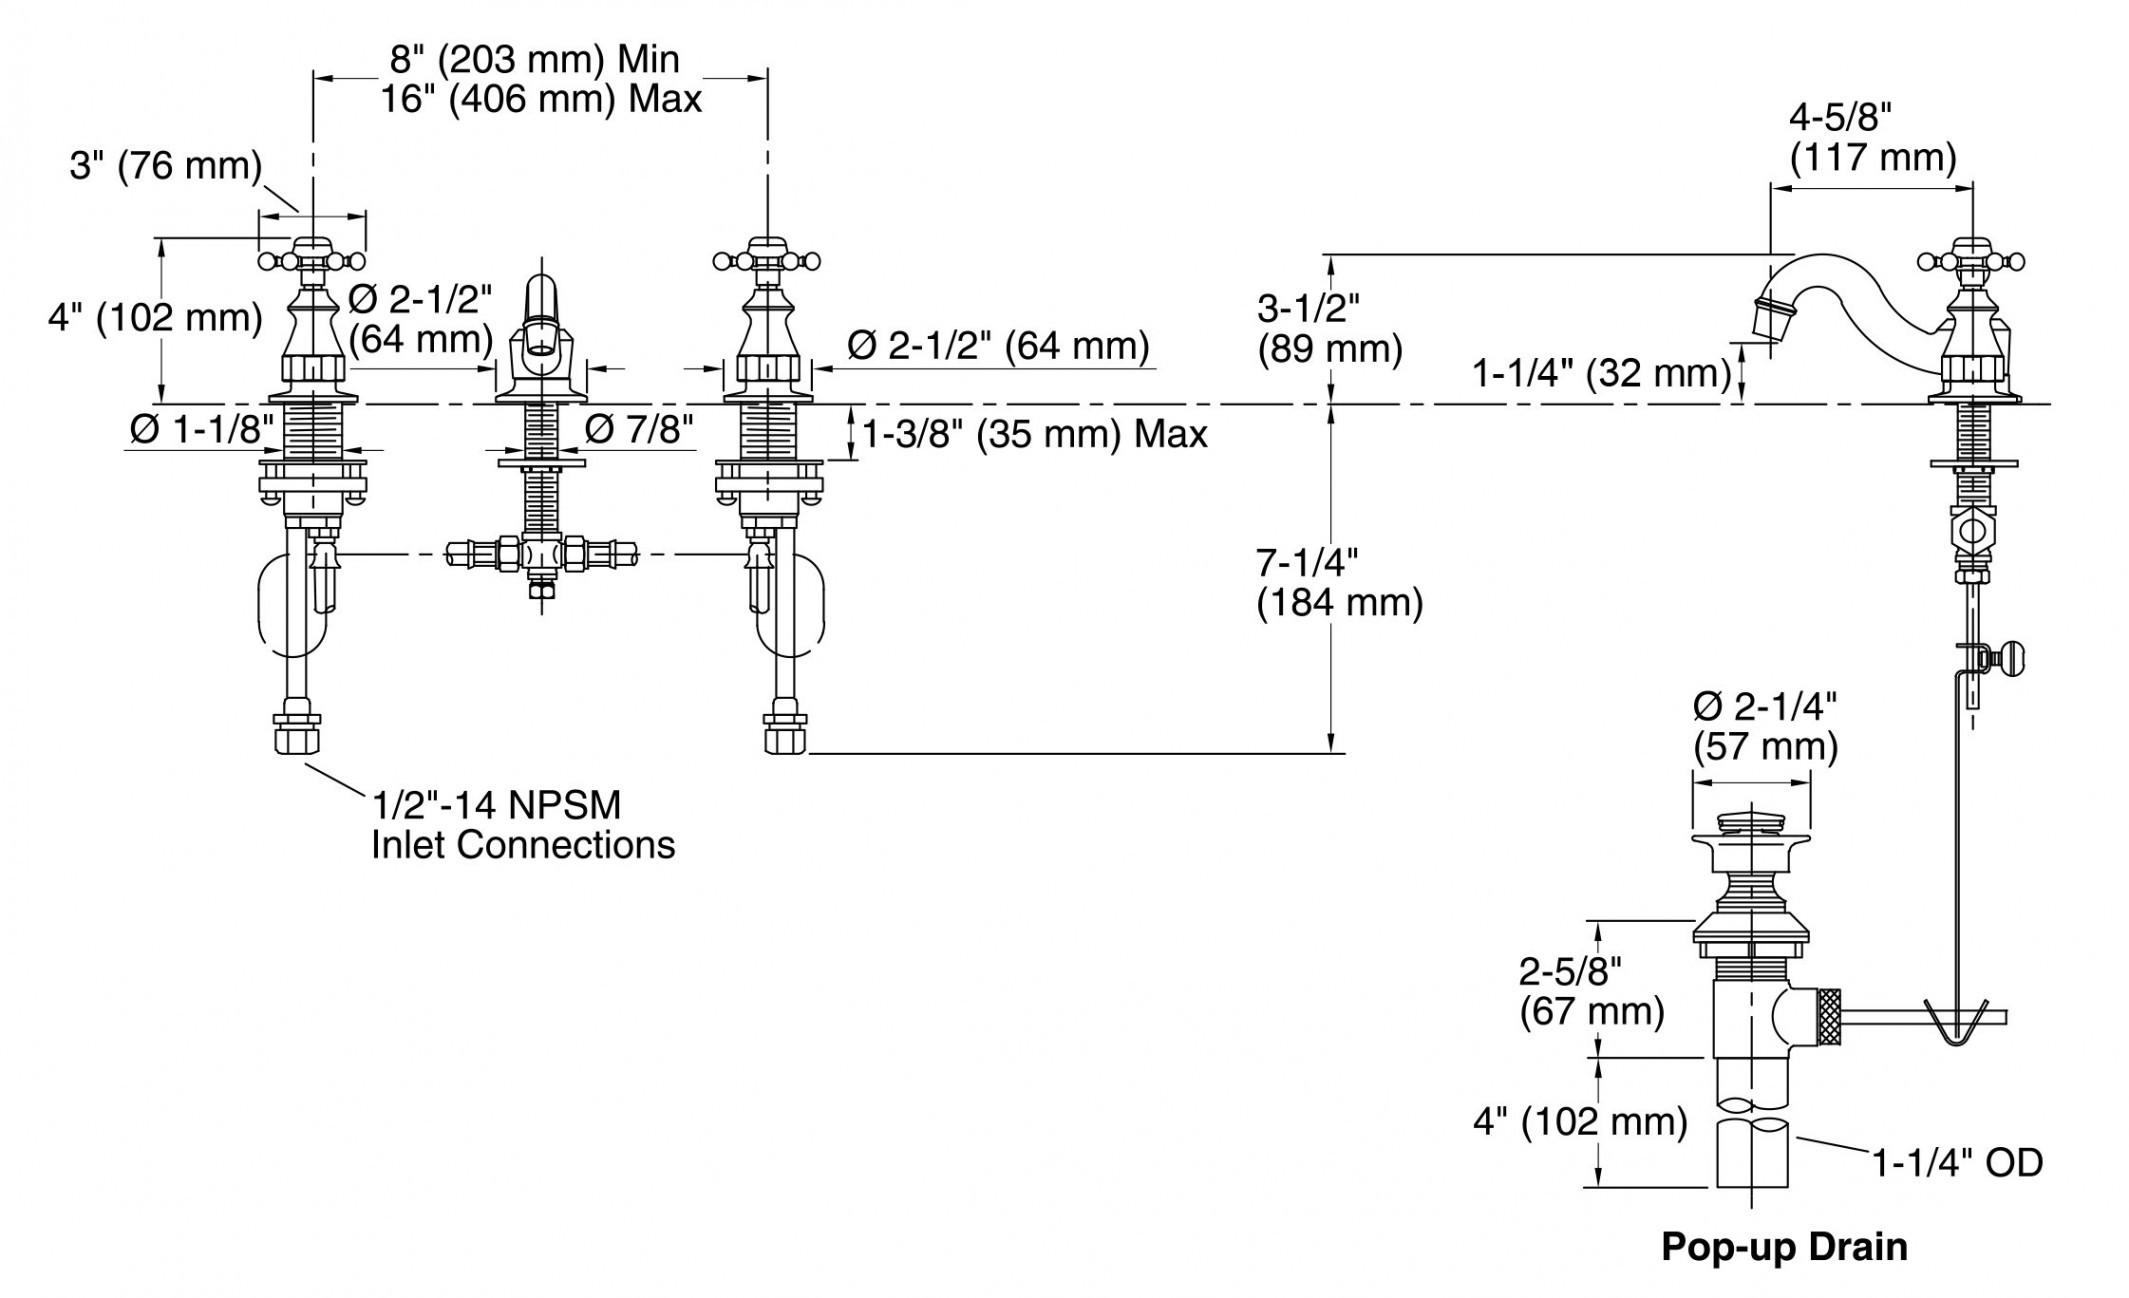 7 3 Engine Parts Diagram Kohler Engine Parts Diagram – Wiring Diagram for Kohler Engine Valid Of 7 3 Engine Parts Diagram